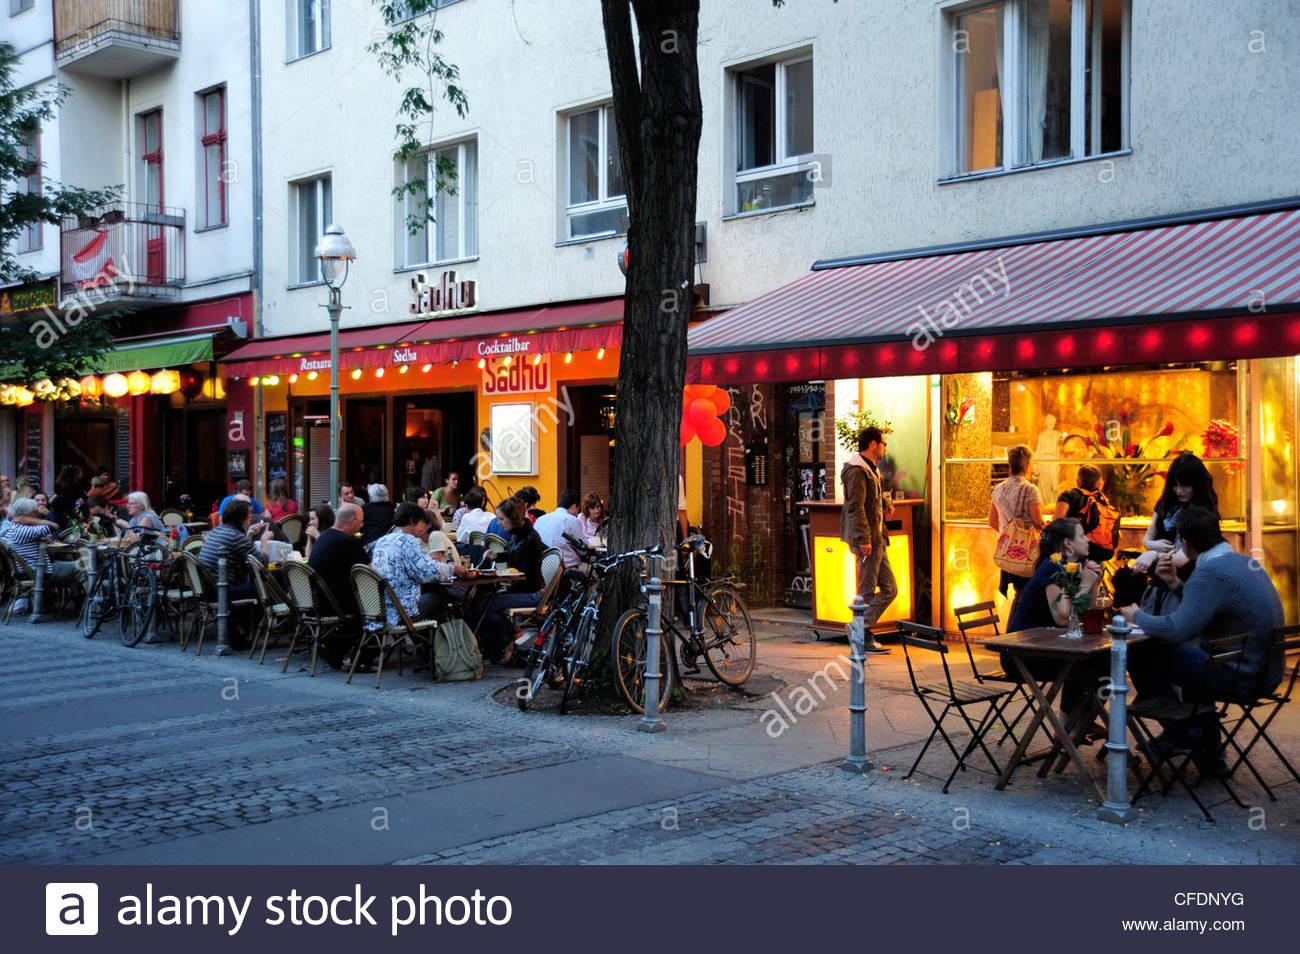 Cafe Bar Am Abend Straße In Kreuzberg Schlesisches Tor Berlin